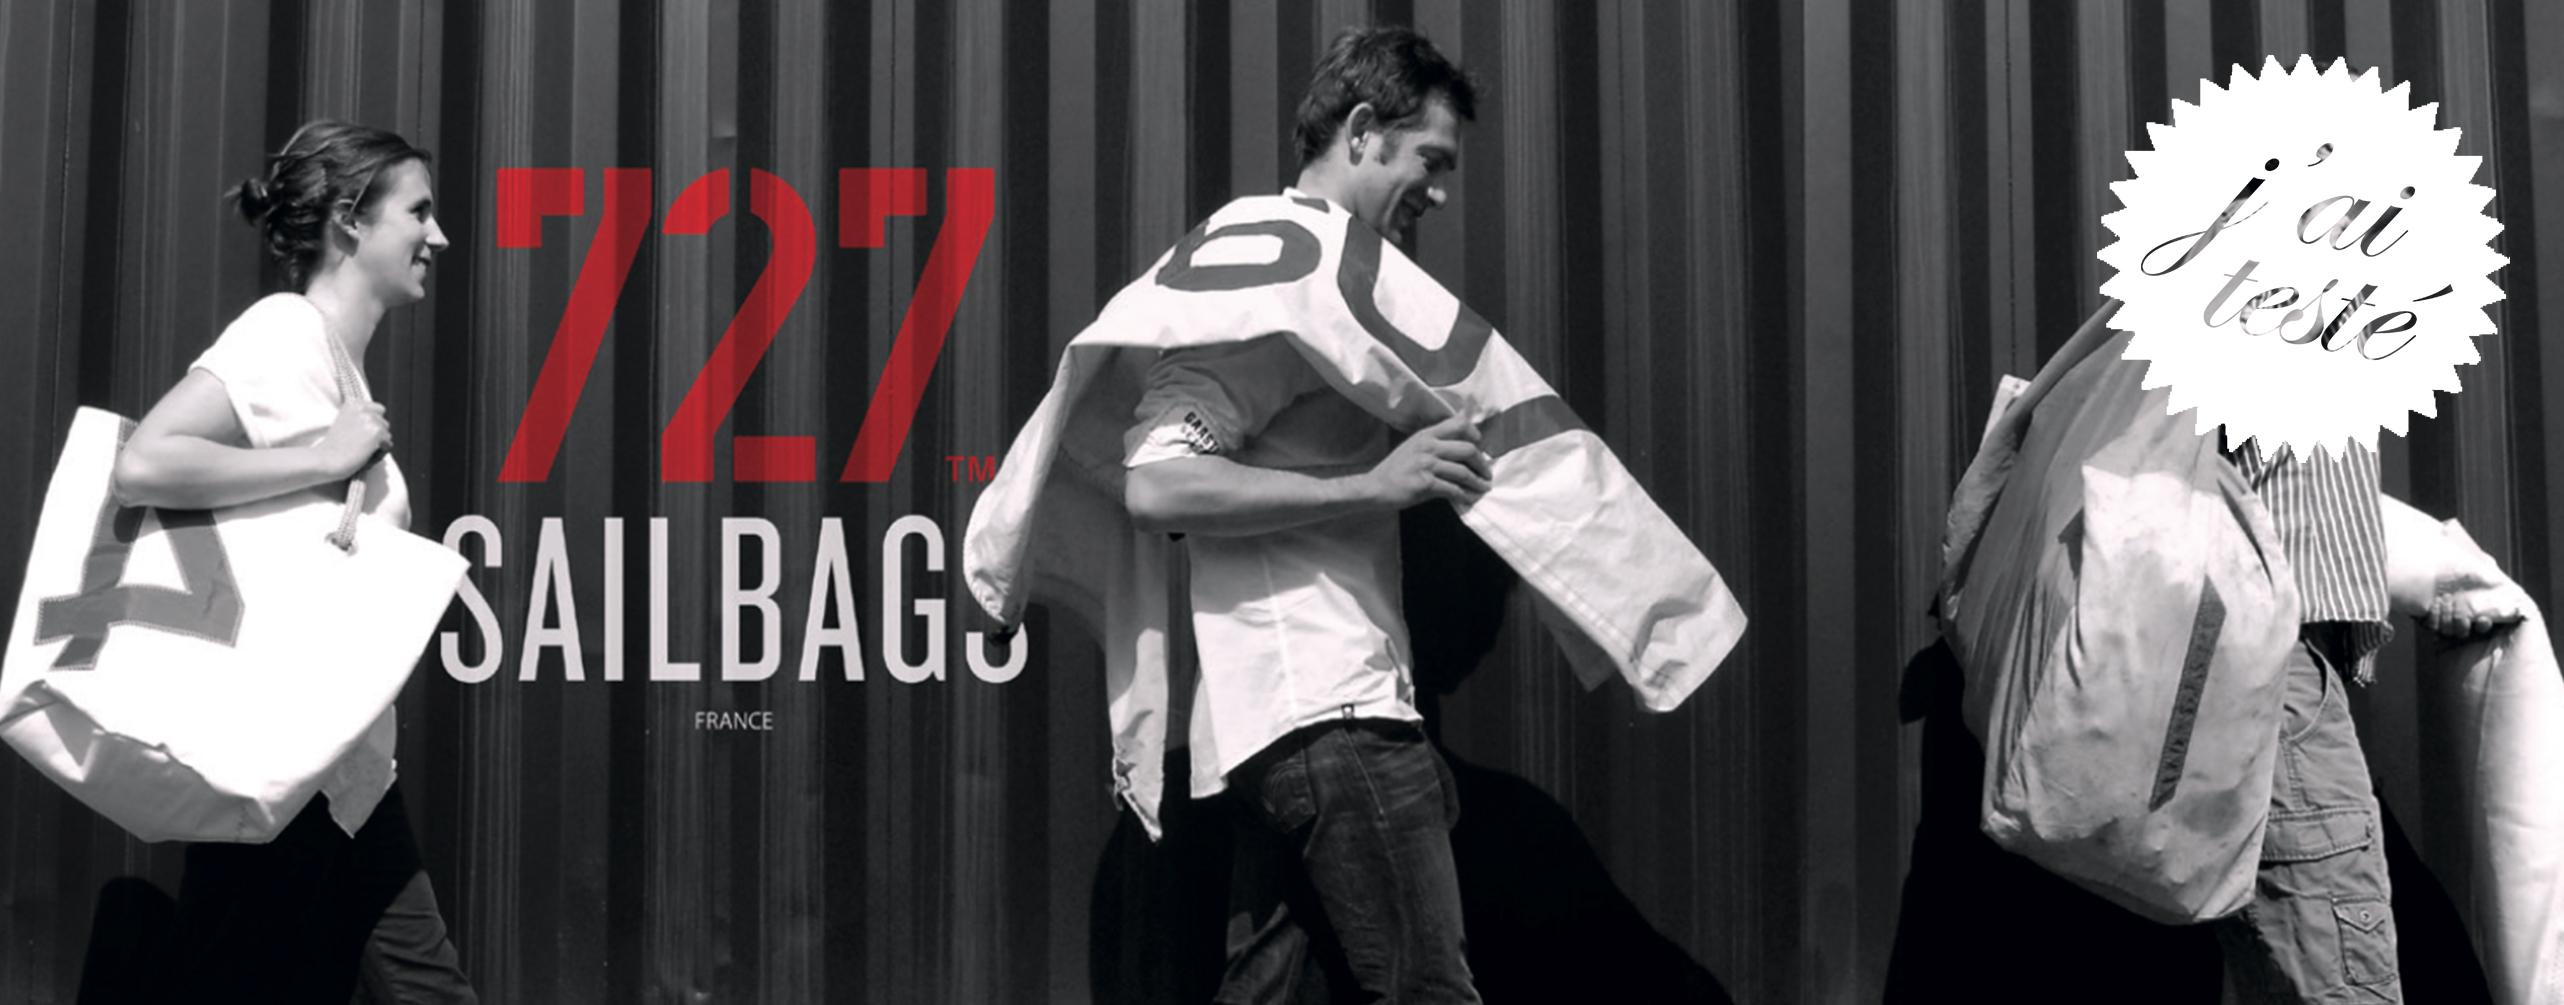 727sailbags - le semeur de trouble